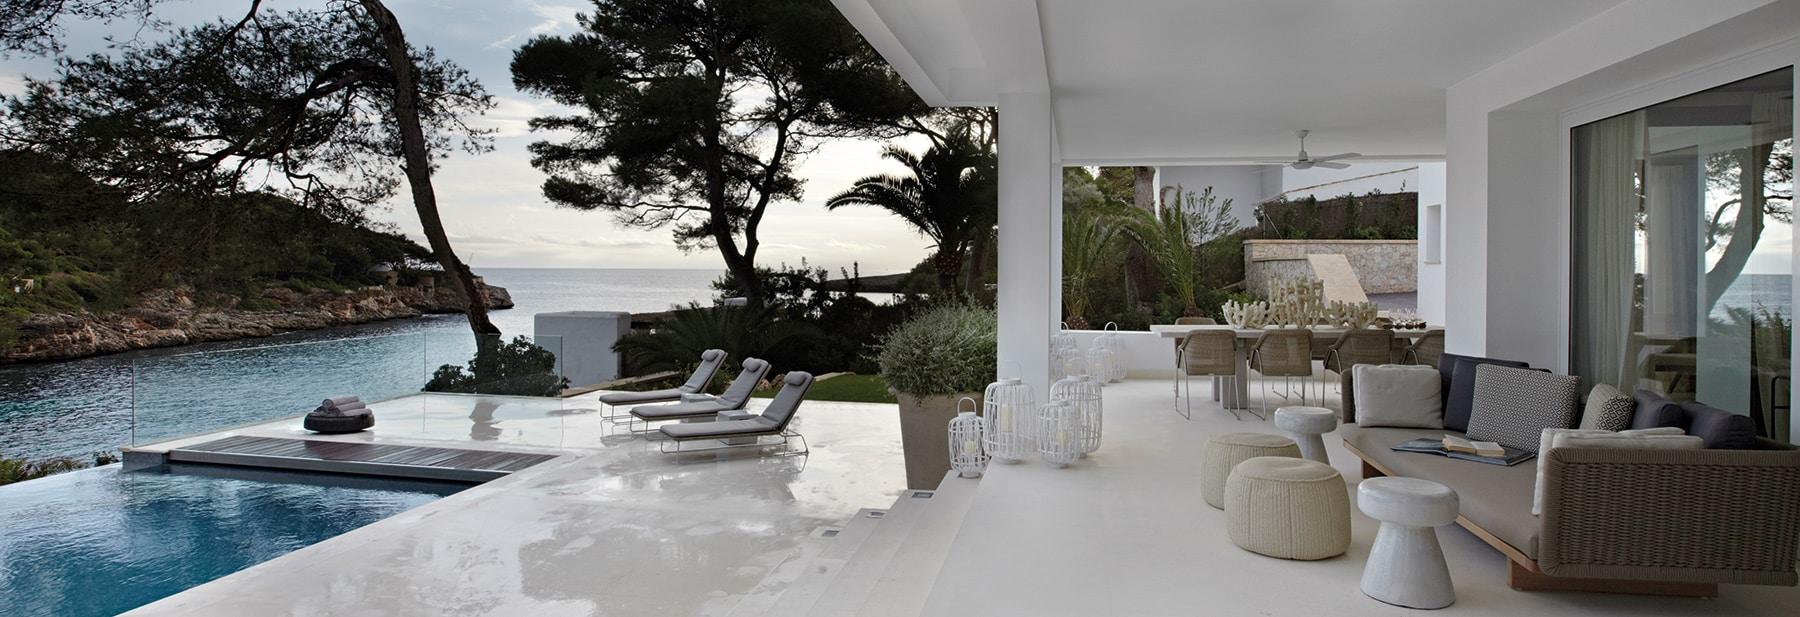 British Designer Fiona Barratt-Campbell Mallorca villa pool and terrace Elemental book Rizzoli